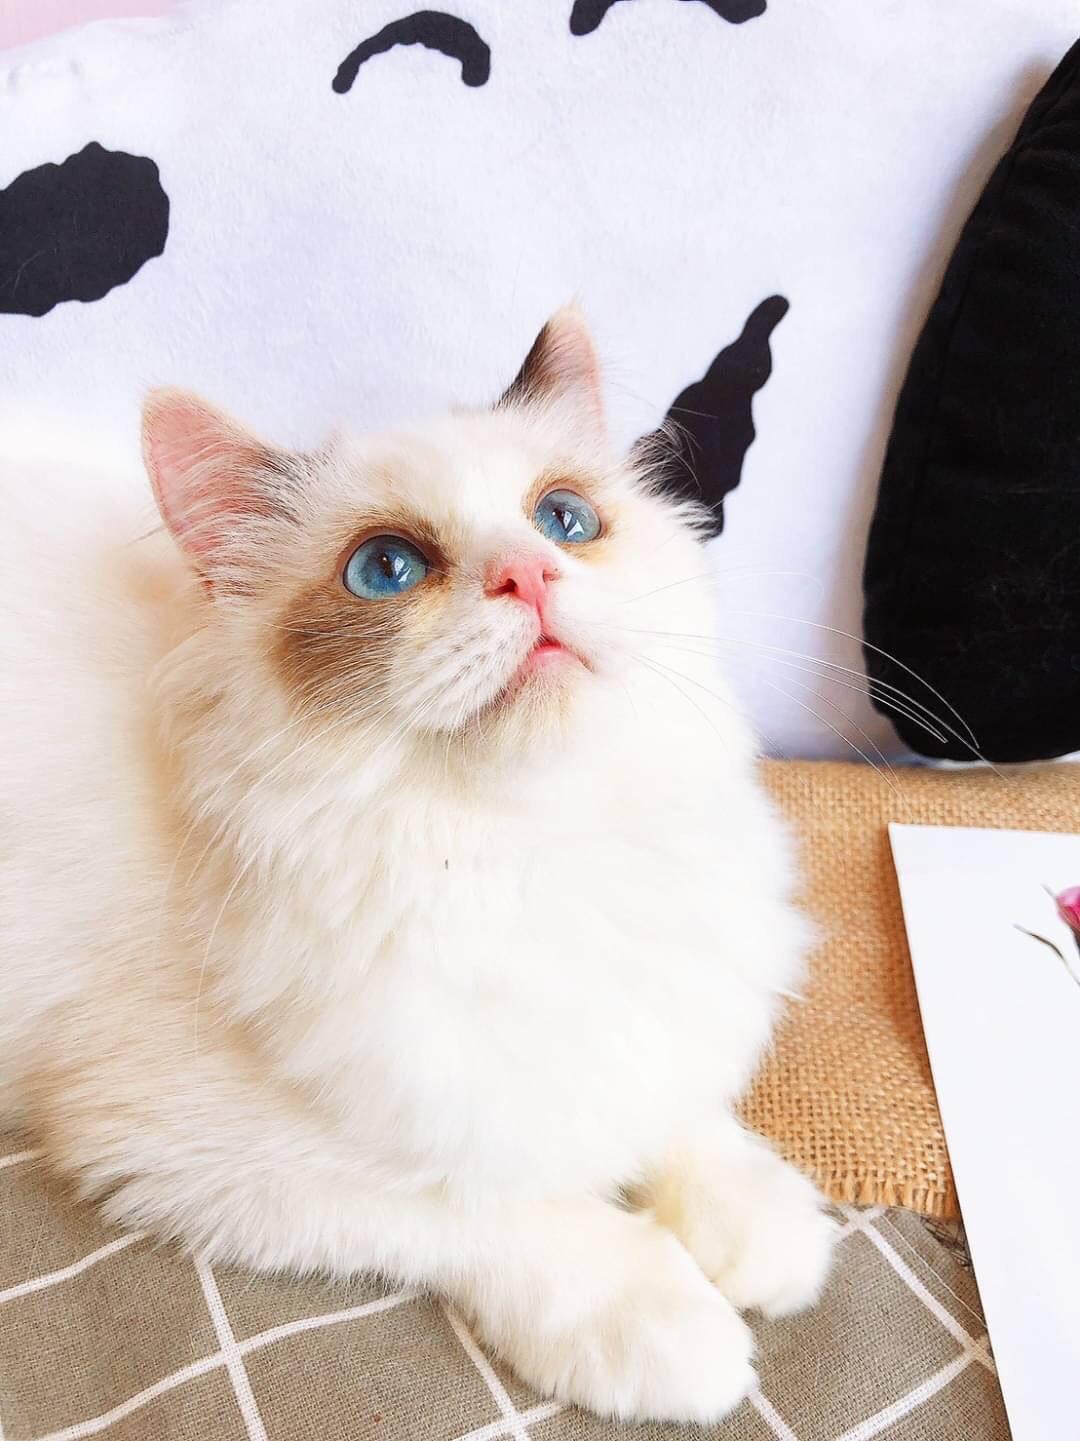 月亮糖糖喵樂園/玳瑁色布偶貓妹妹